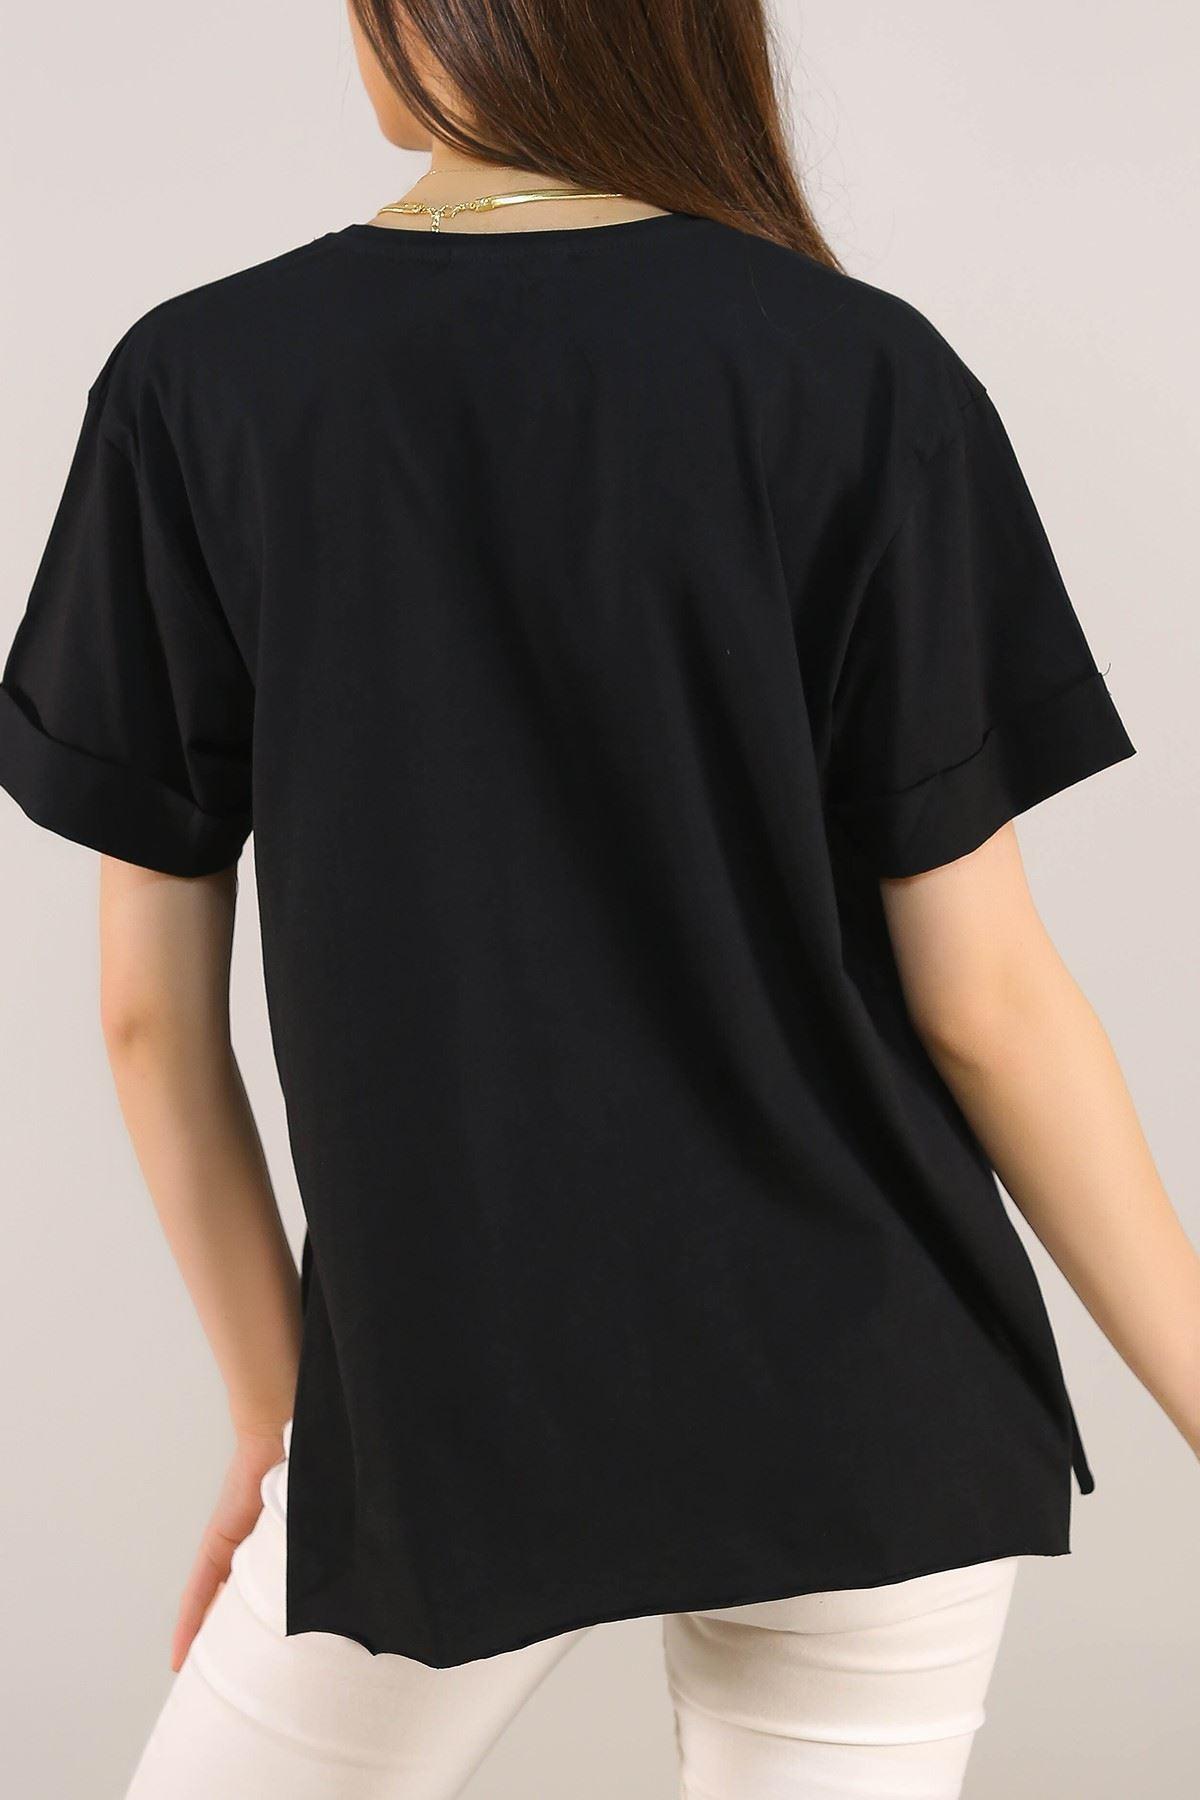 Baskılı Tişört Siyah - 5079.275.